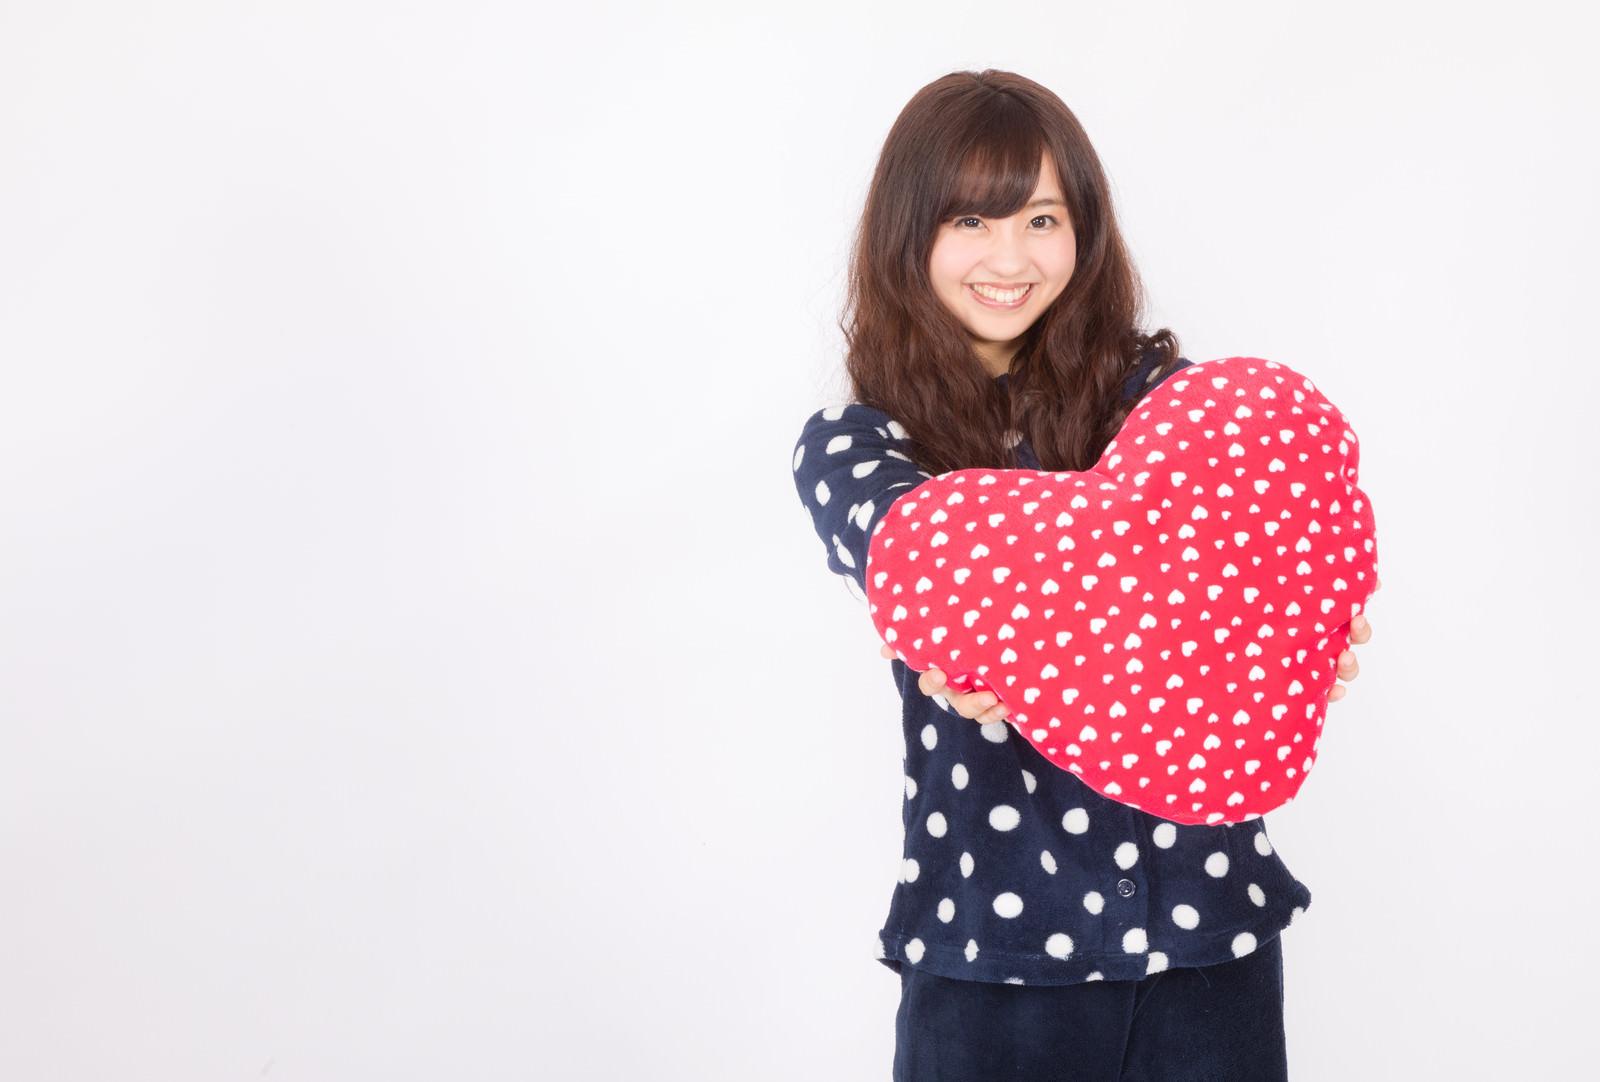 「ハートクッションを差し出すパジャマ女子 | ぱくたそフリー素材」の写真[モデル:河村友歌]